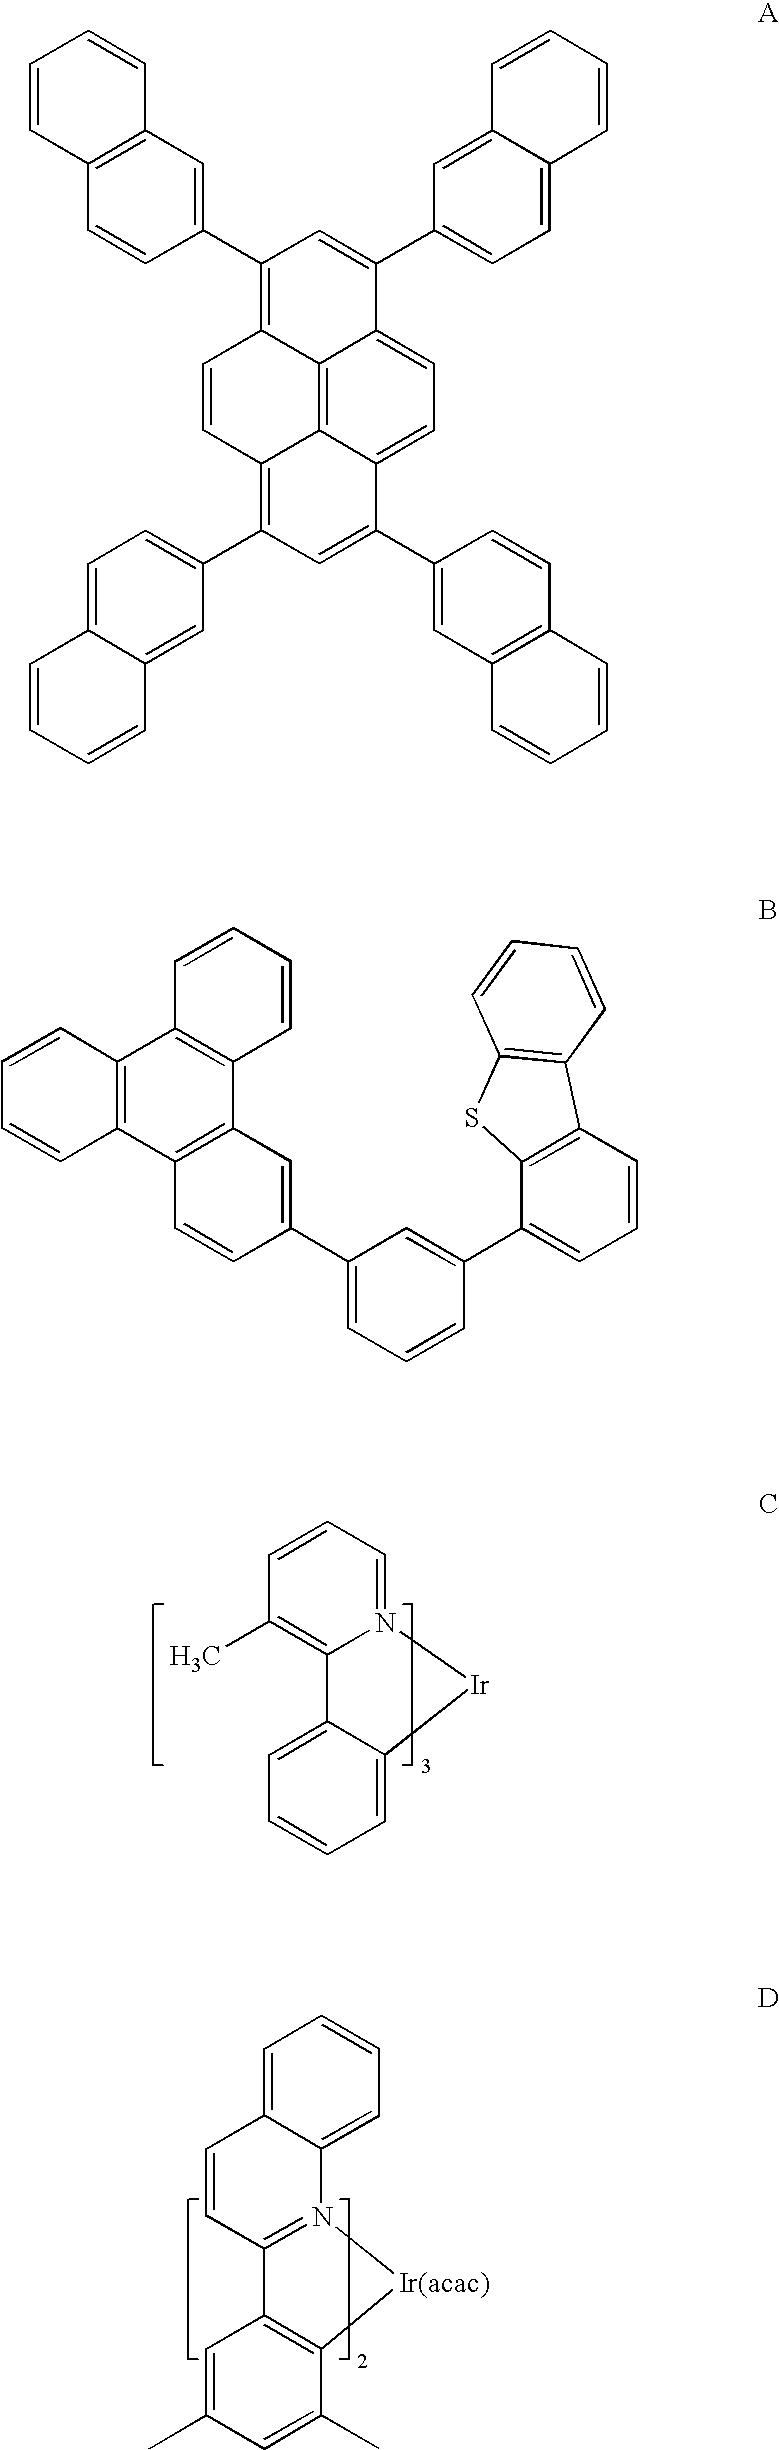 Figure US08372526-20130212-C00006